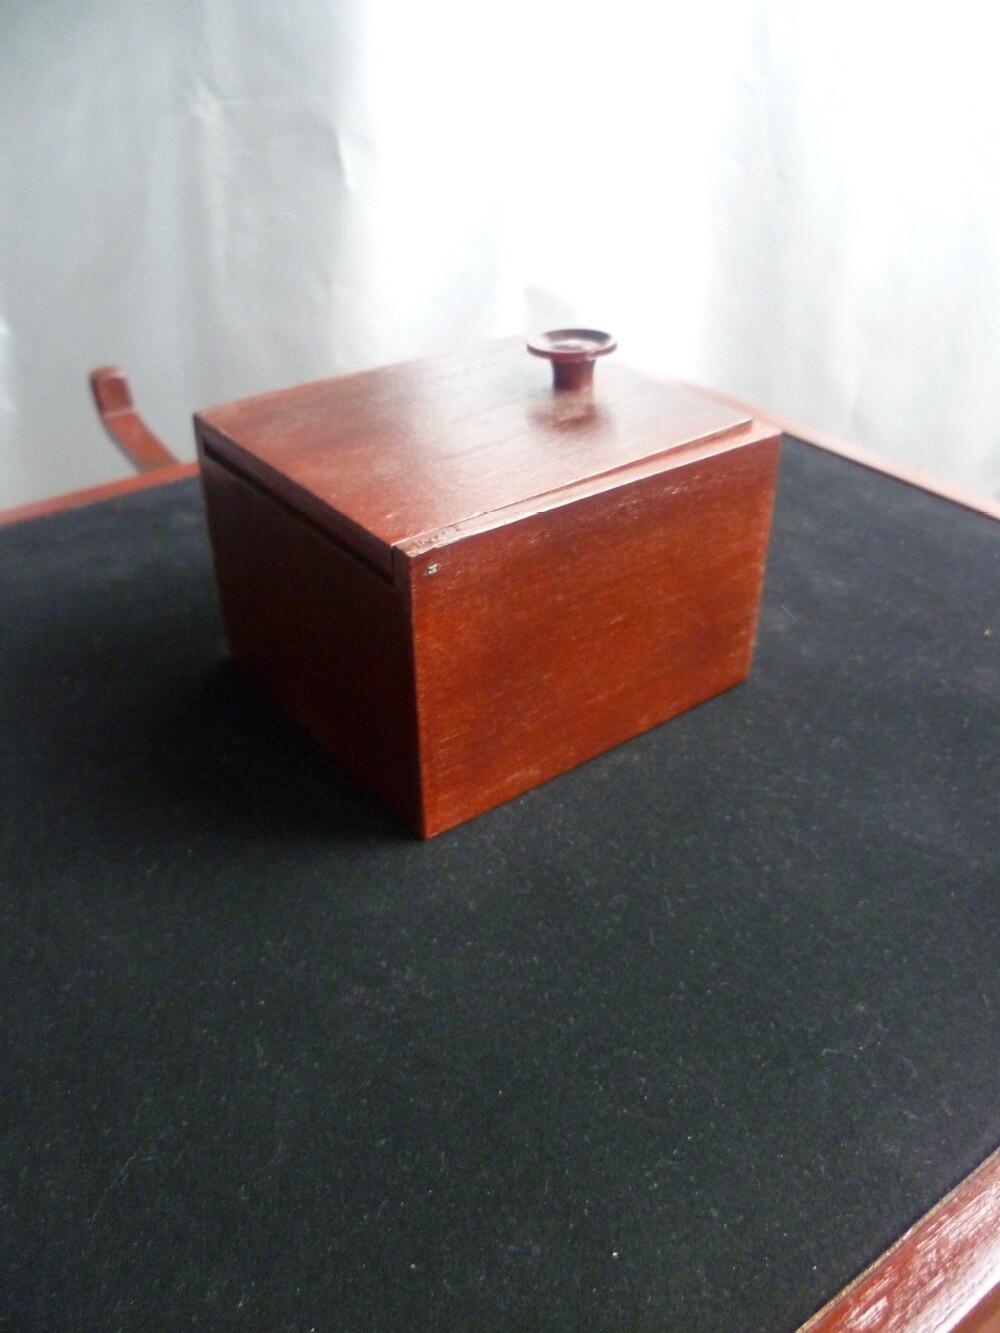 Trinité table flottante losander-magie de scène professionnelle - 6